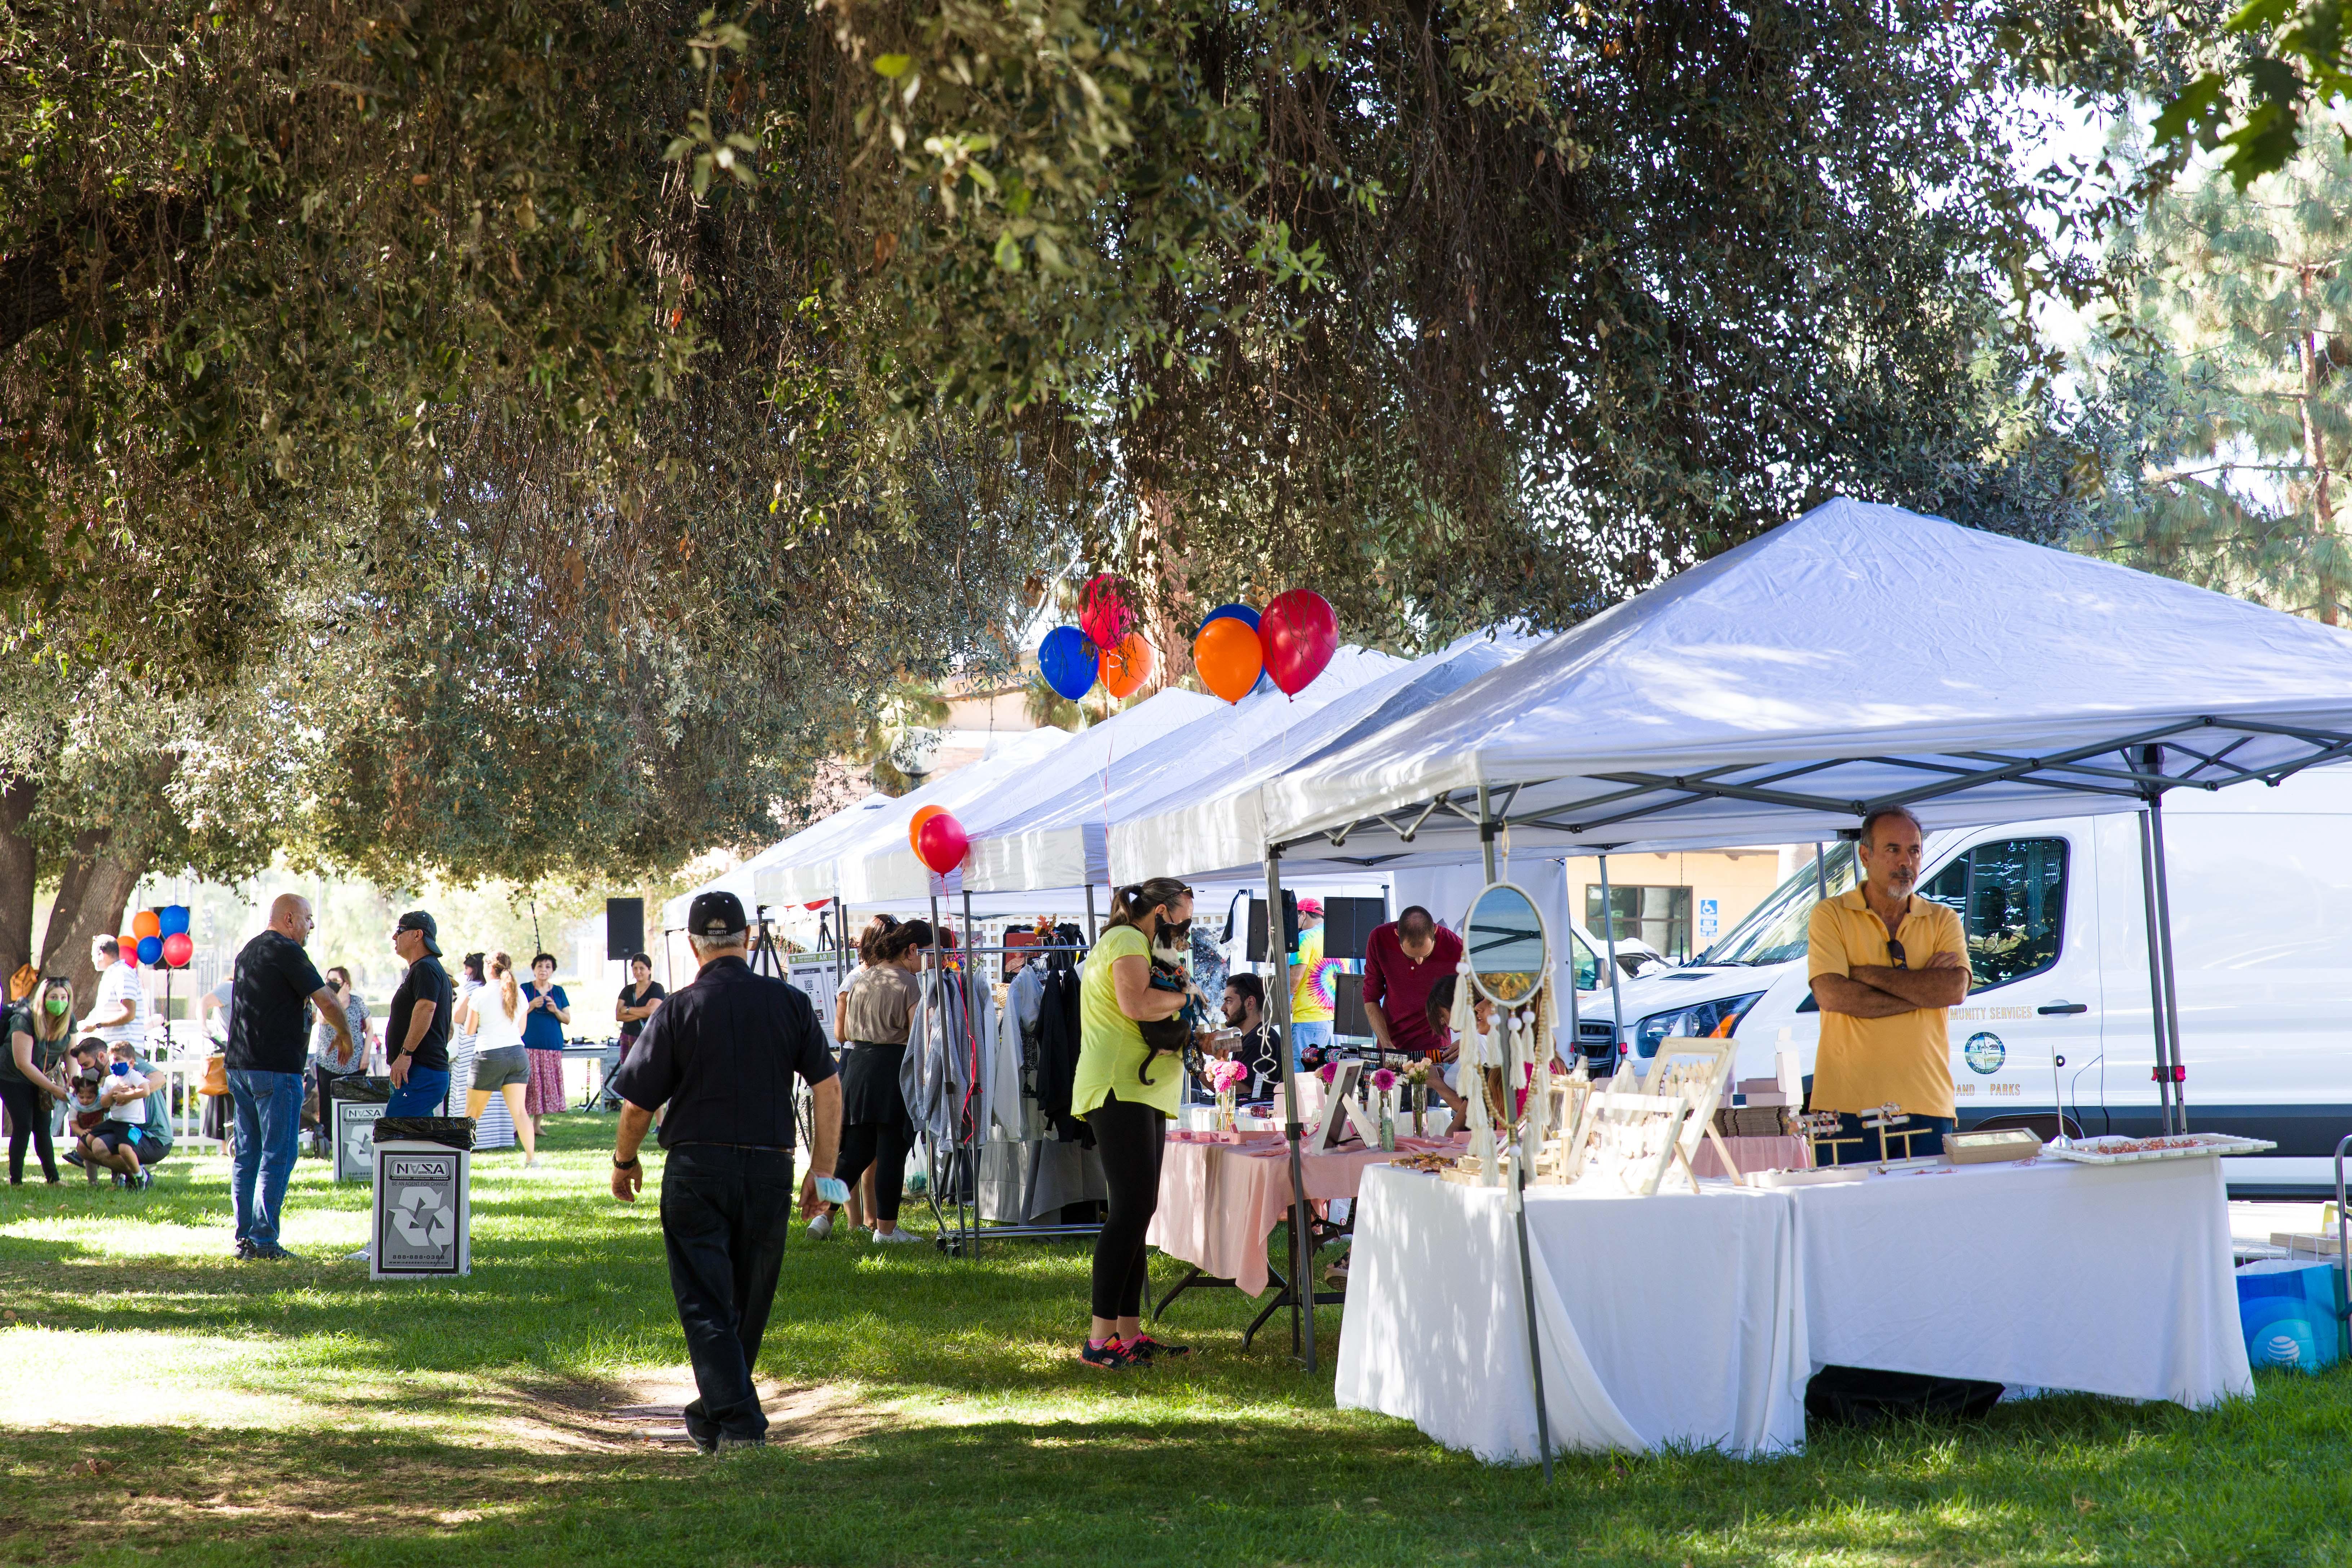 Artsakh Farmers Market in Glendale, California, on September 12, 2021.